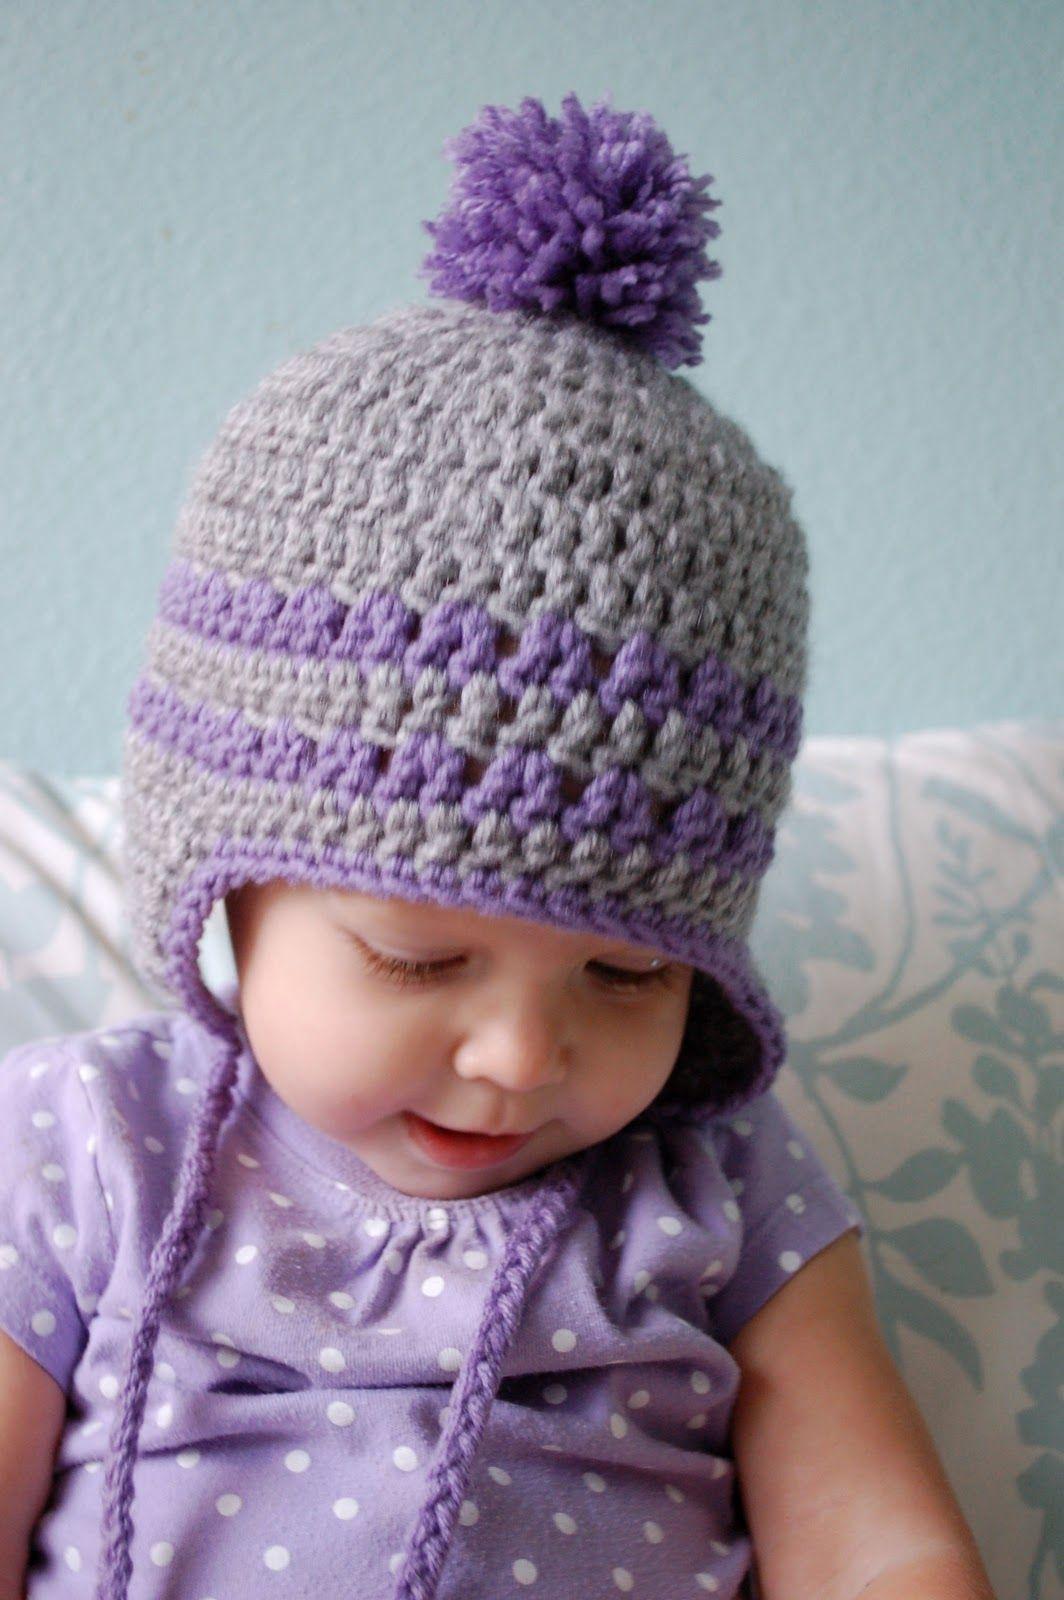 Crochet Earflap Hat Pattern Free Free Easy Crochet Patterns Crochet Earflap Hat Pattern Free Crochet Baby Hat Patterns Easy Crochet Hat Crochet Baby Hats